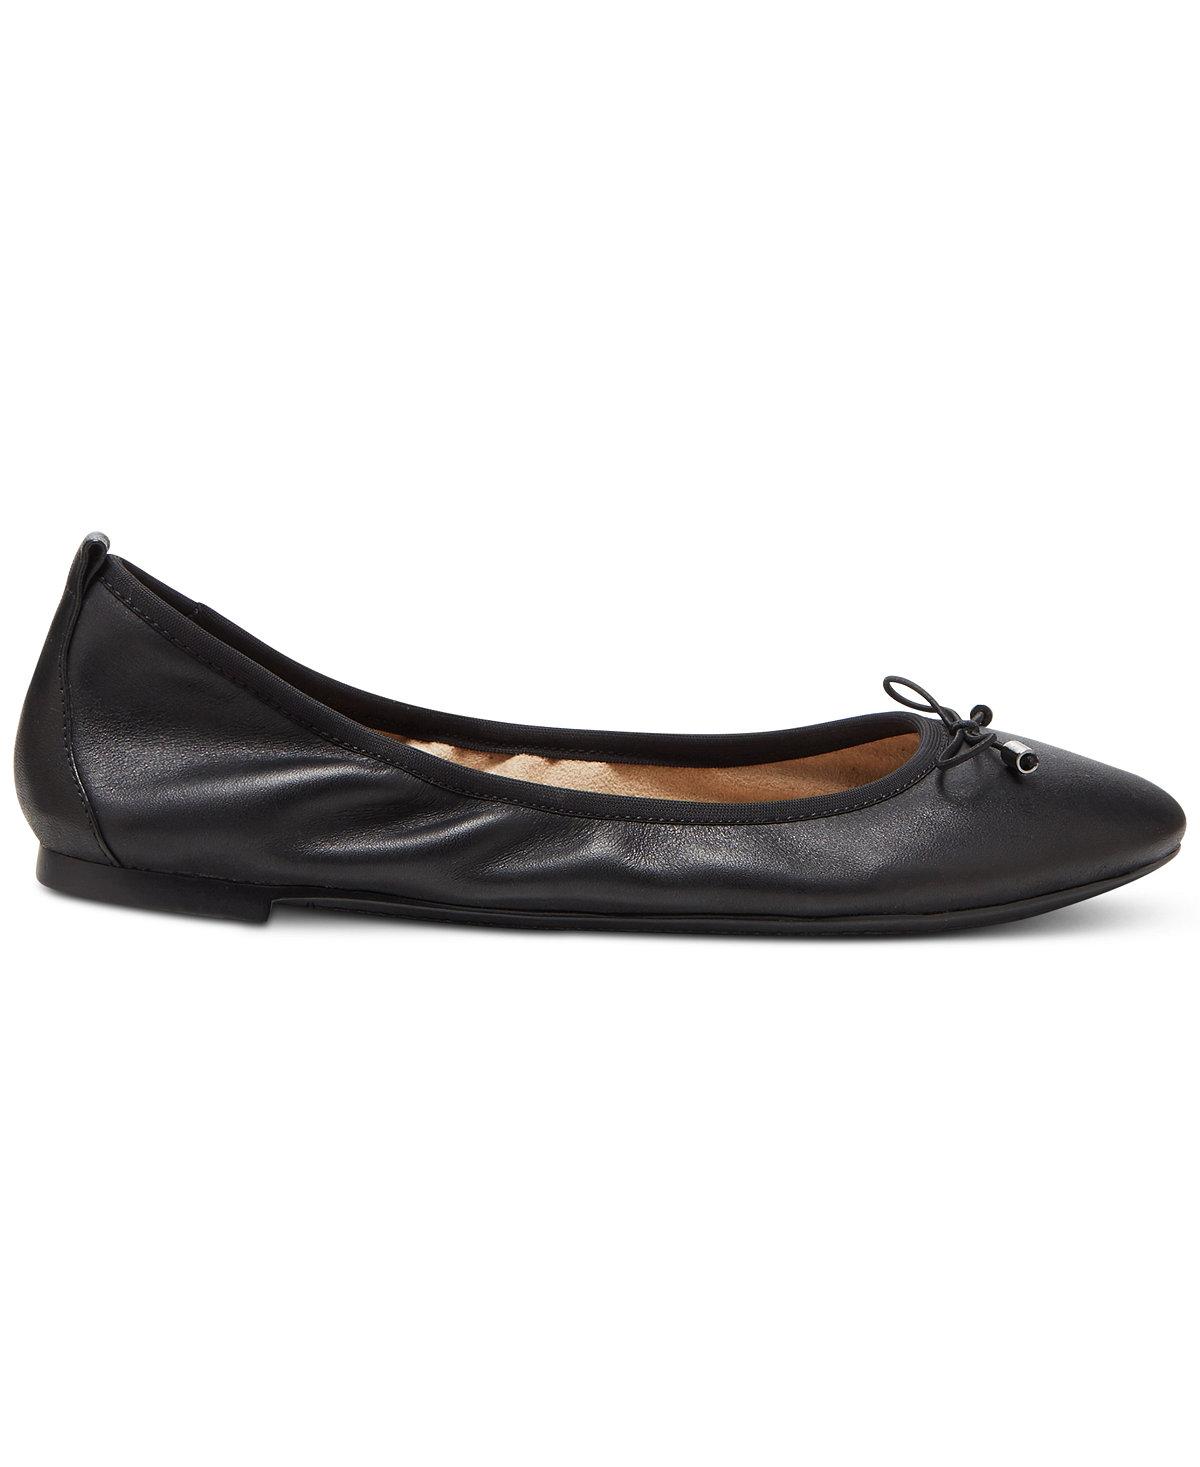 Jessica Simpson Damenschuhe Nalan Slip On Ballet Flats